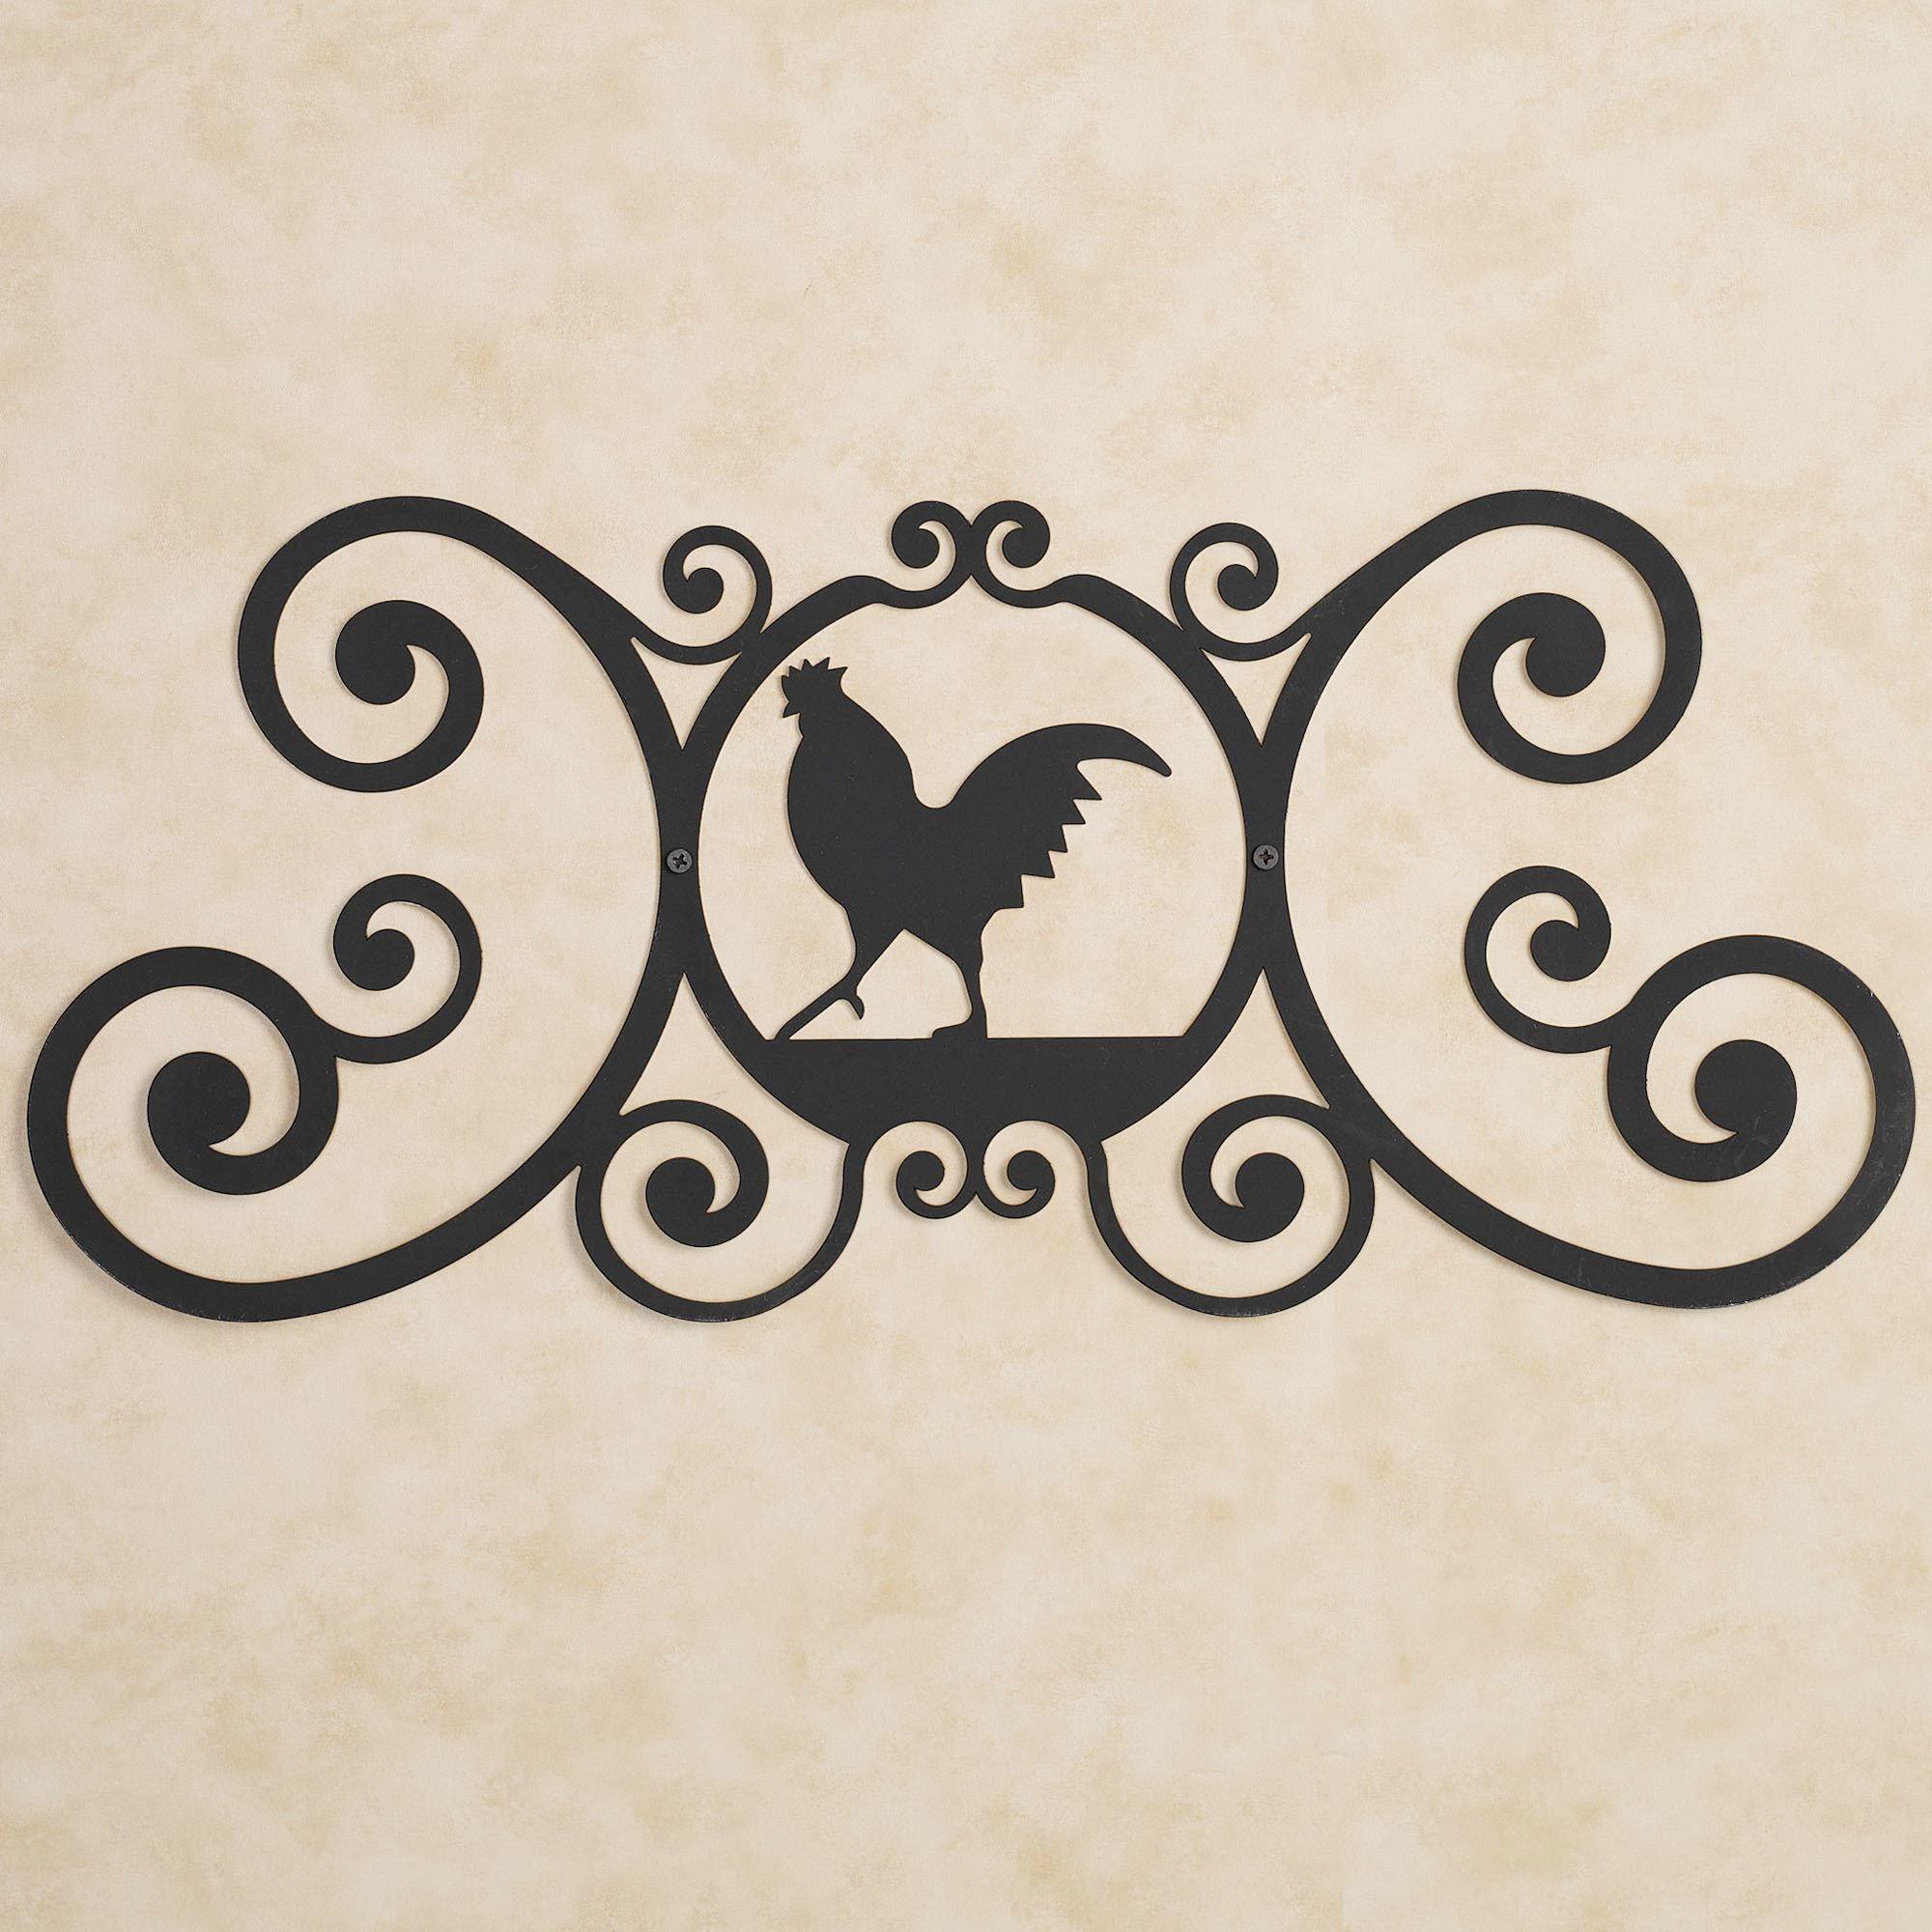 Iron Rooster Over the Door Plaque | Door plaques, Doors and Iron